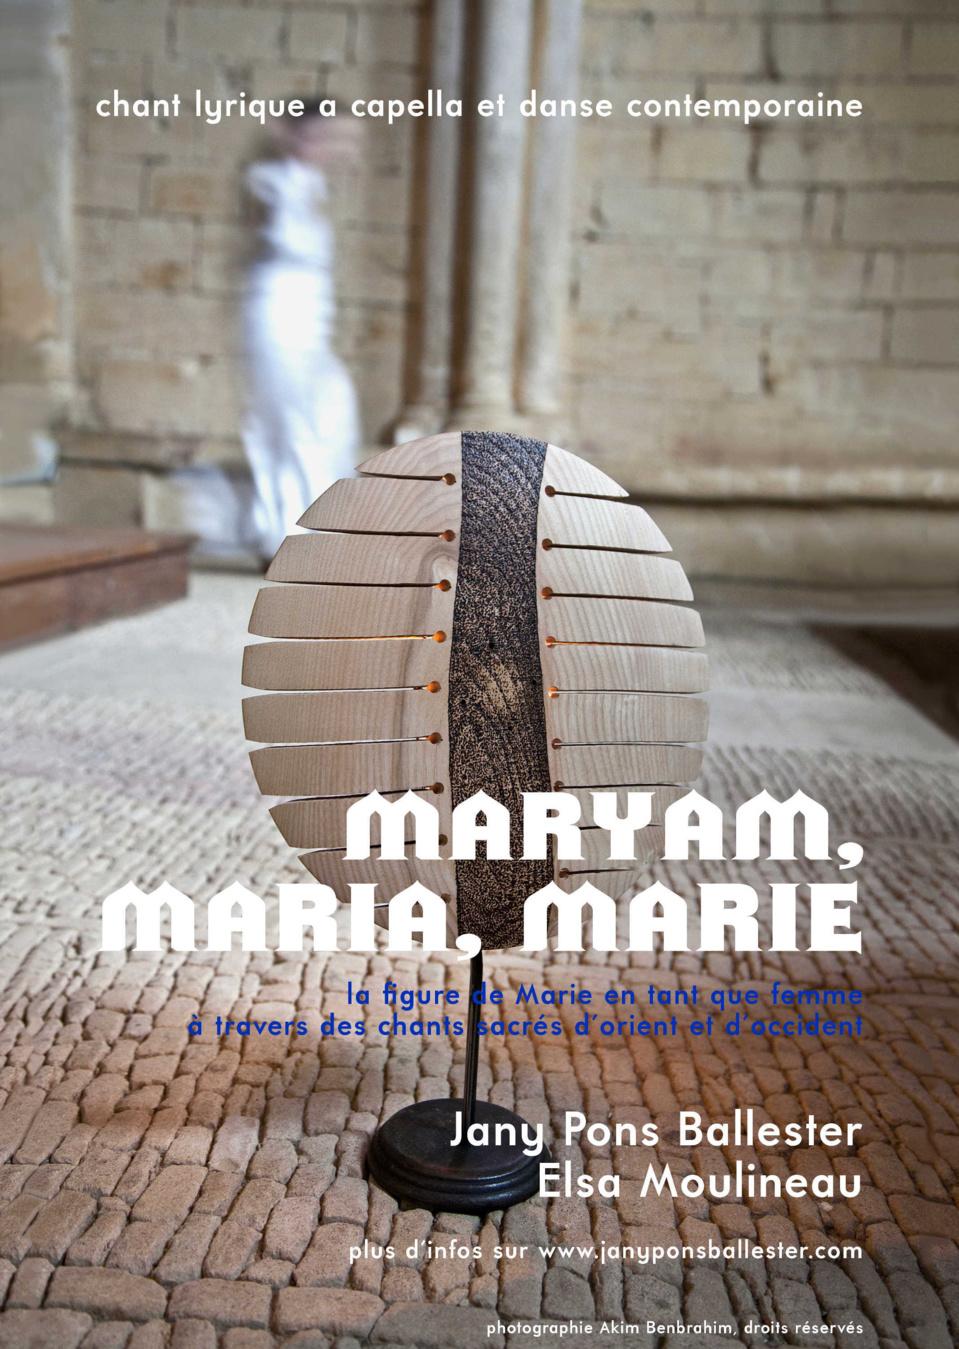 Maryam, Maria, Marie/ chant lyrique a capella et danse contemporaine